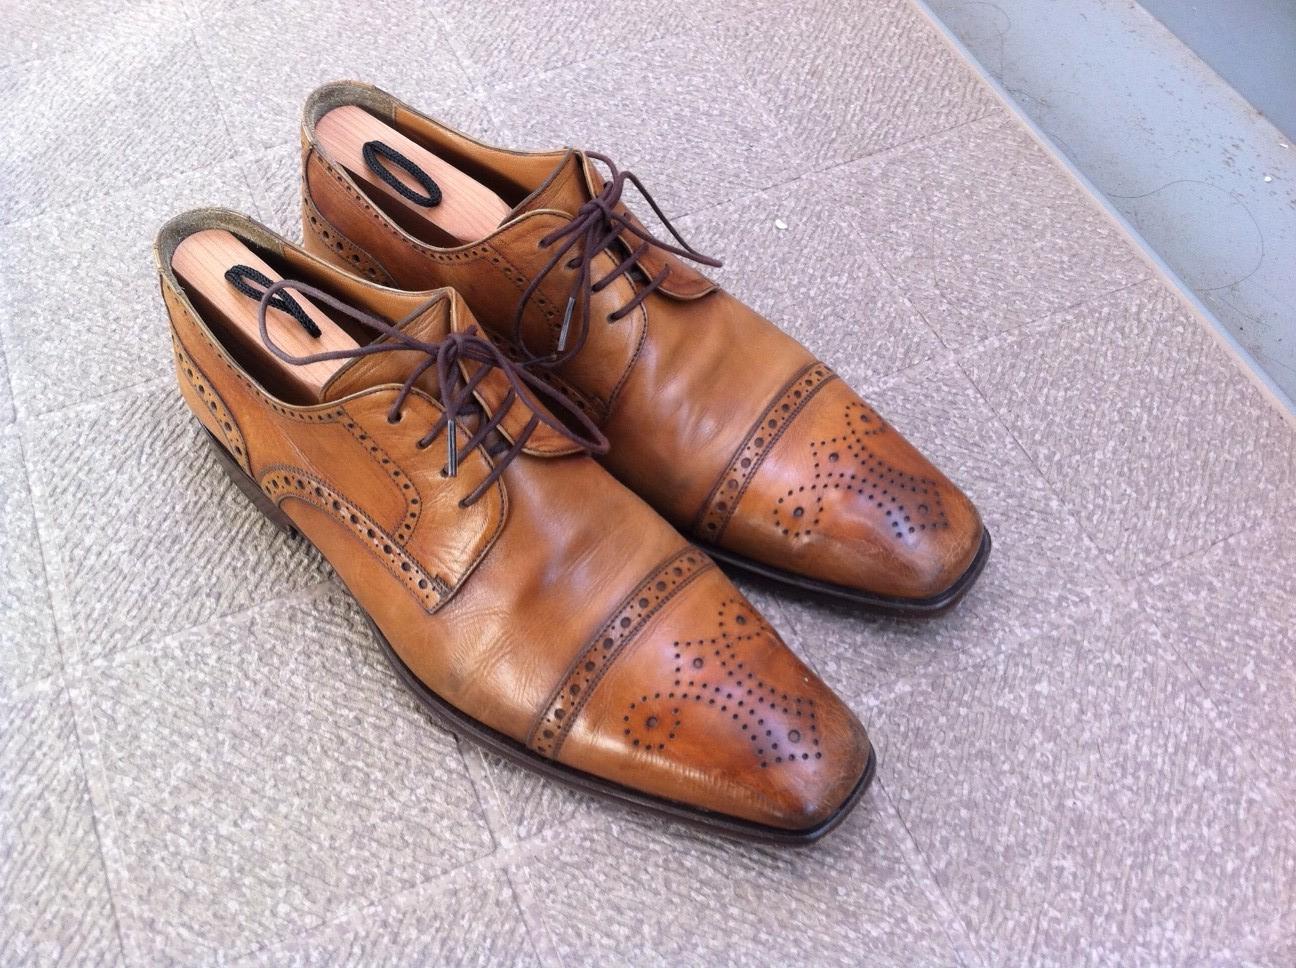 今日は革靴のお手入れ方法について述べたいと思います。